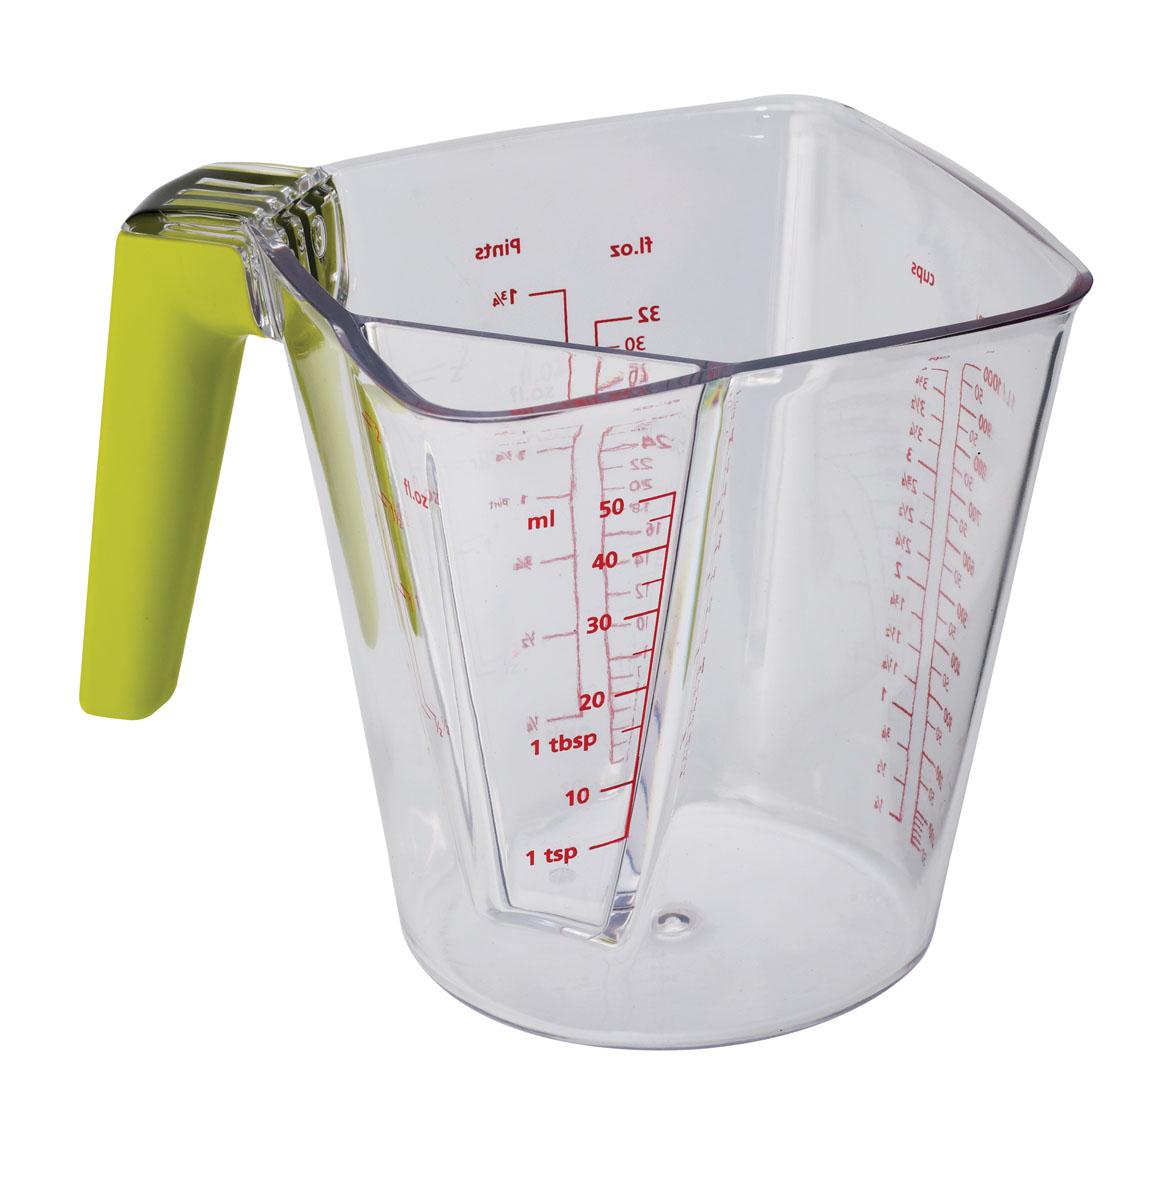 Мерный стакан Joseph Joseph, 2в1, 1 л. 40067SC-FD421005Мерный прозрачный стакан Joseph Joseph, выполненный из акрила, имеет удобную ручку и носик, которые делают изделие еще более простым в использовании. Универсальный двухкамерный мерный стакан может измерять от 5 мл до 1000 мл (1 л), также есть шкалы измерения в унциях (oz), чашках (cup) и пинтах (pints). Такой стаканчик пригодится на каждой кухне, ведь зачастую приготовление некоторых блюд требует известной точности.Можно мыть в посудомоечной машине.